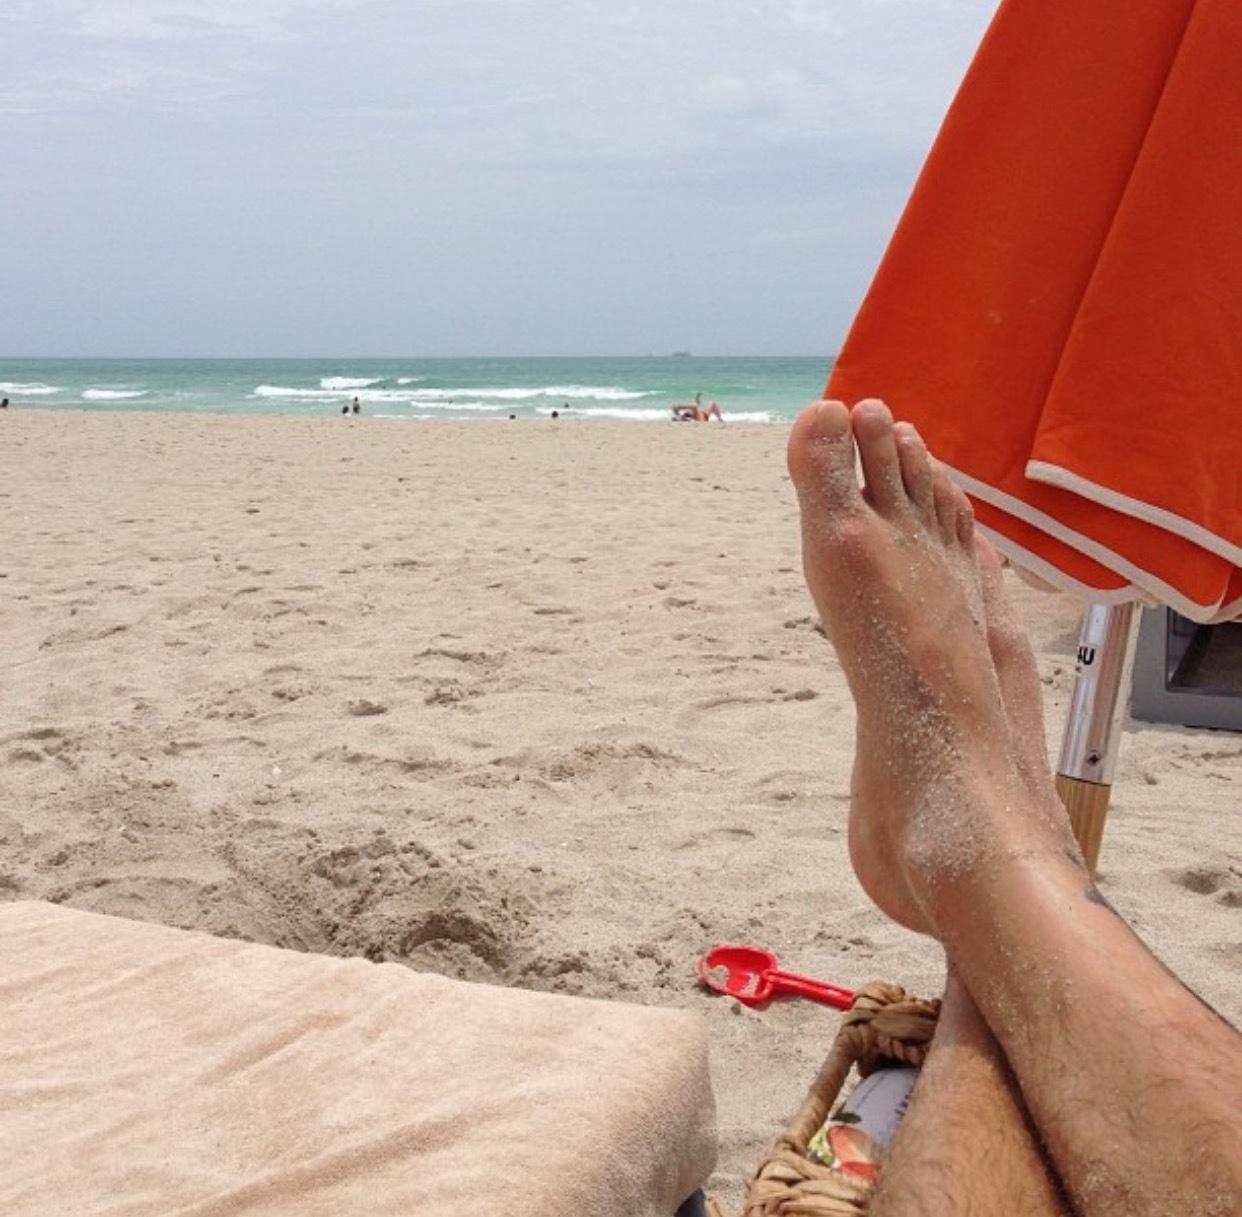 Feet Pete Wenz nude photos 2019